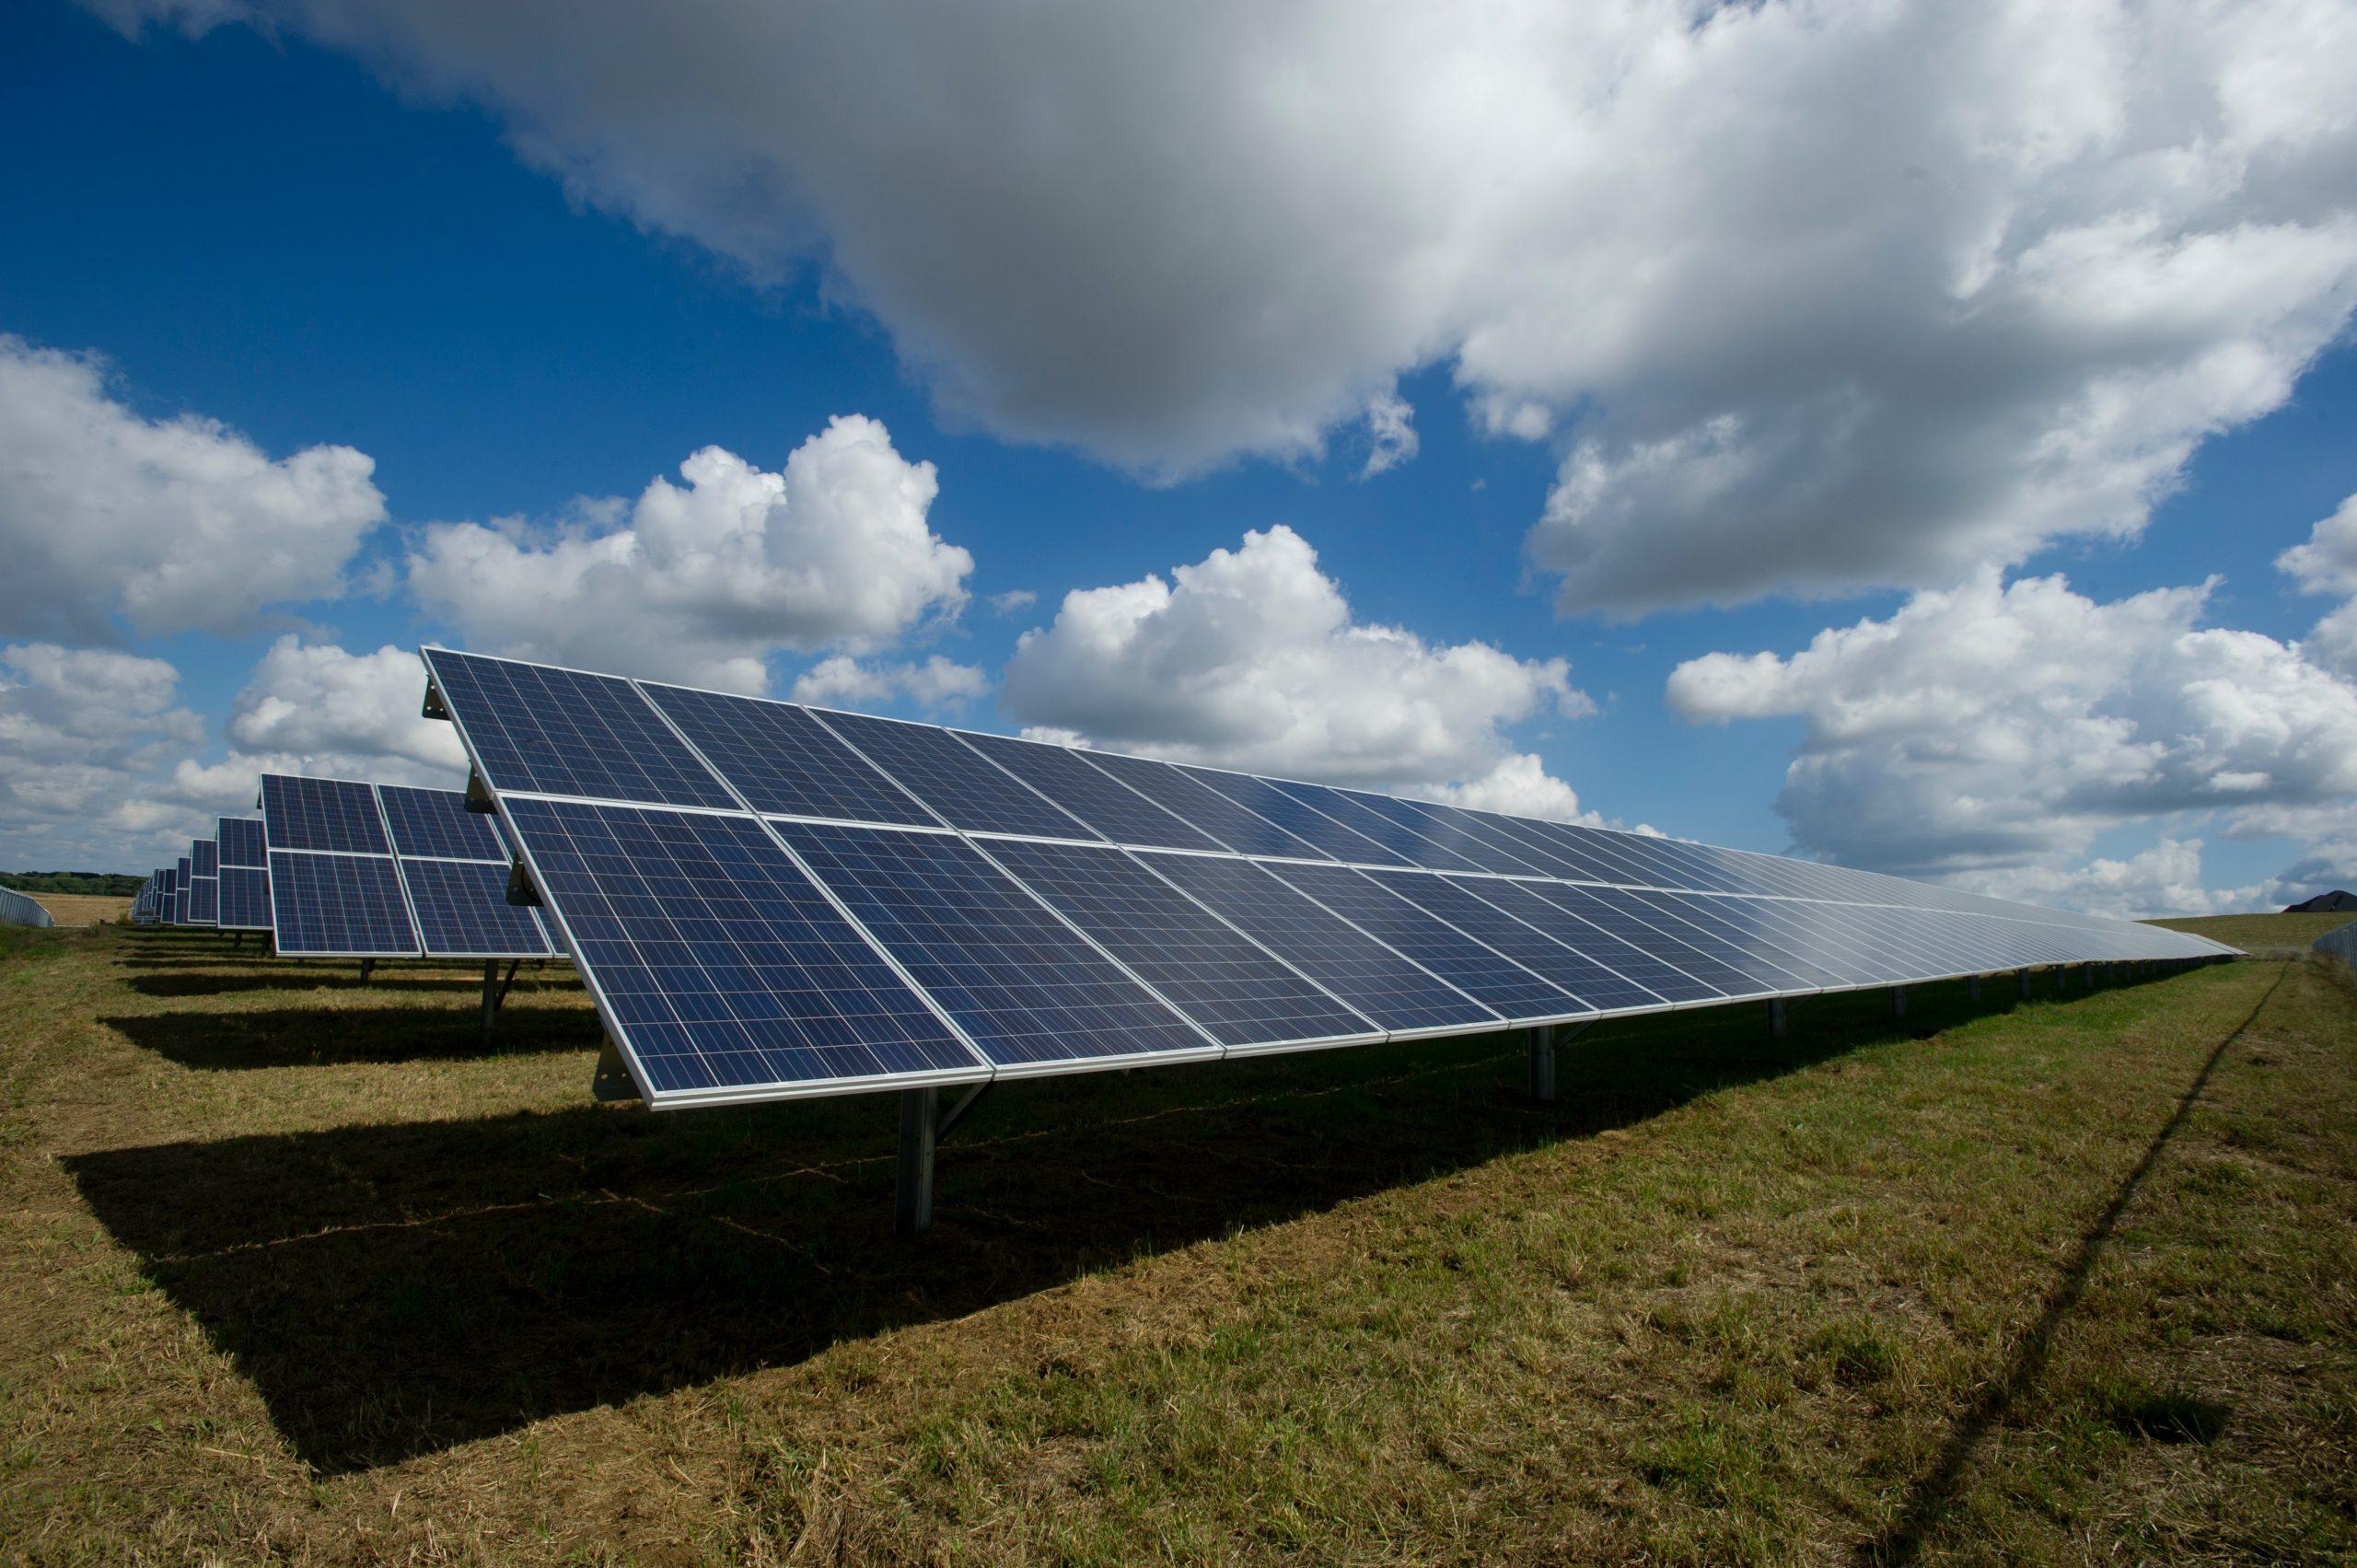 ¿Cuánto se ahorra con paneles solares?